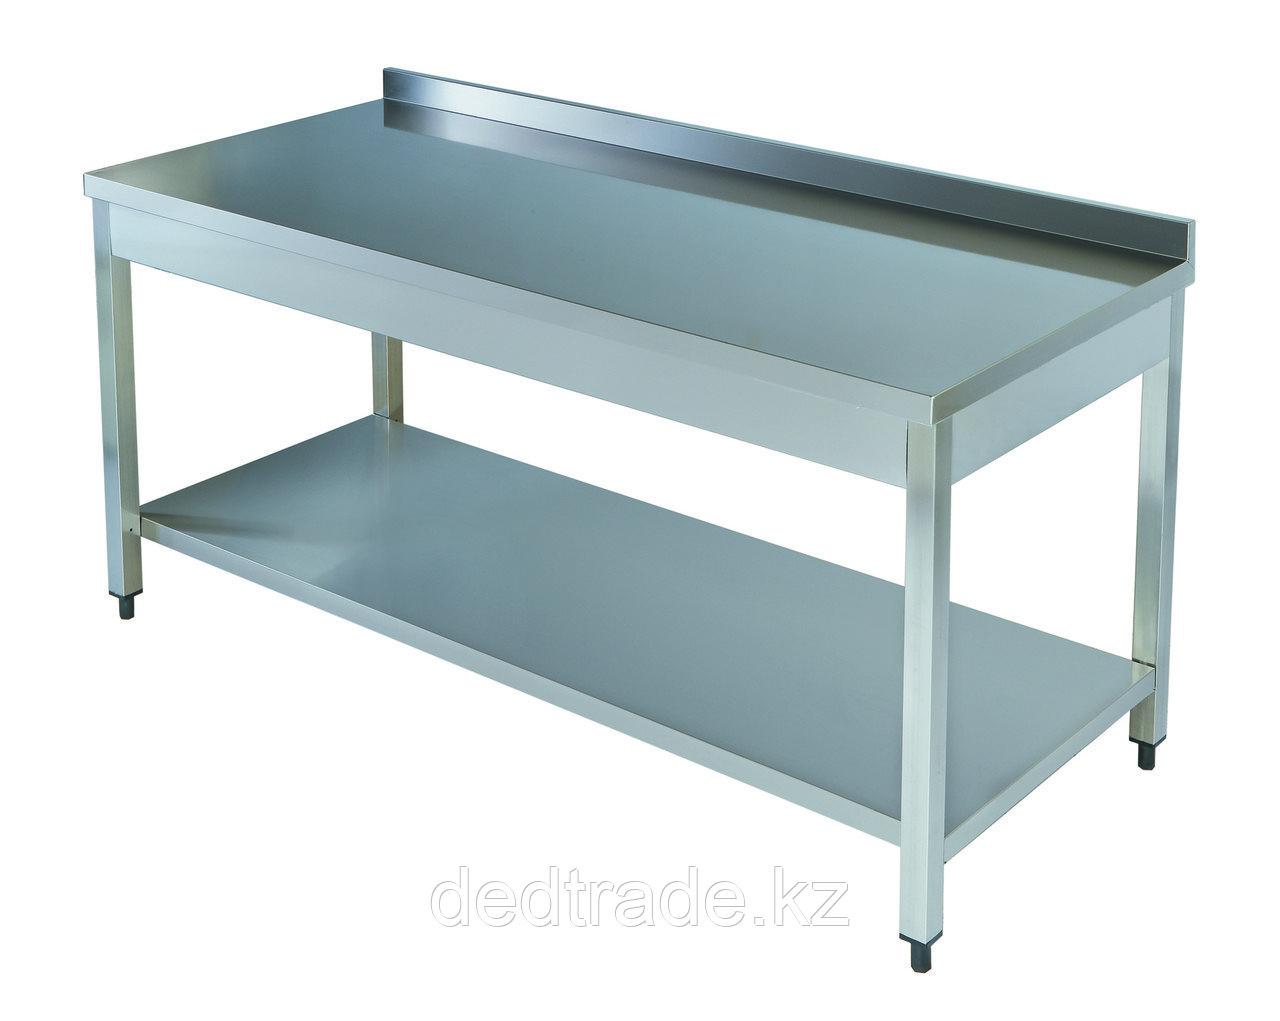 Рабочий стол с полкой нержавеющая сталь Размеры 1600*600*850 мм